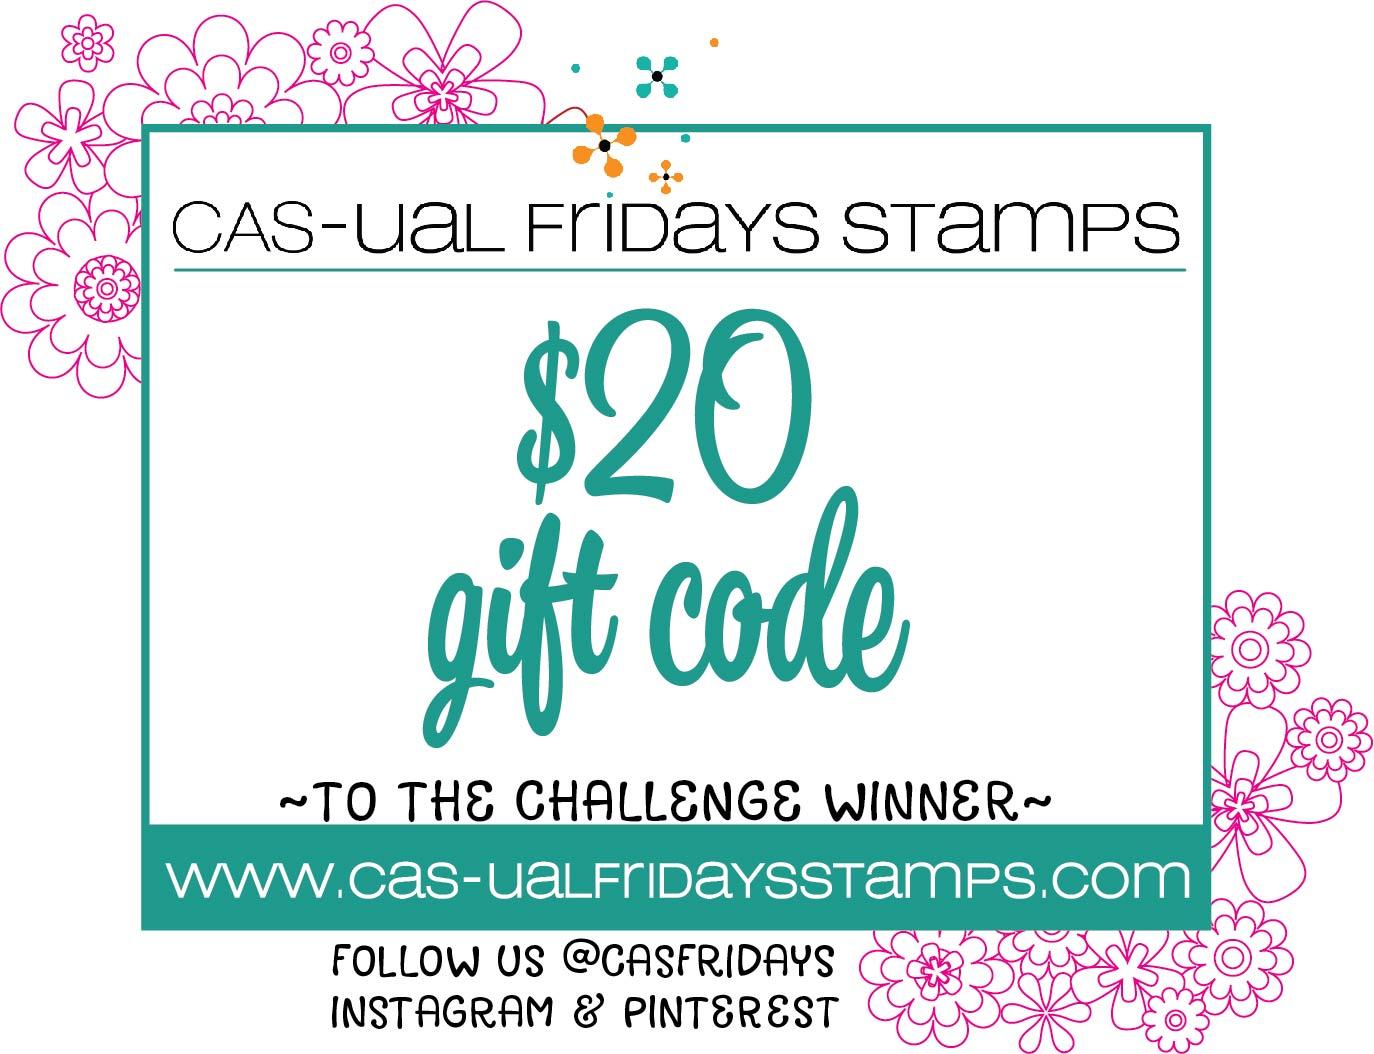 CAS-ual Fridays Stamps